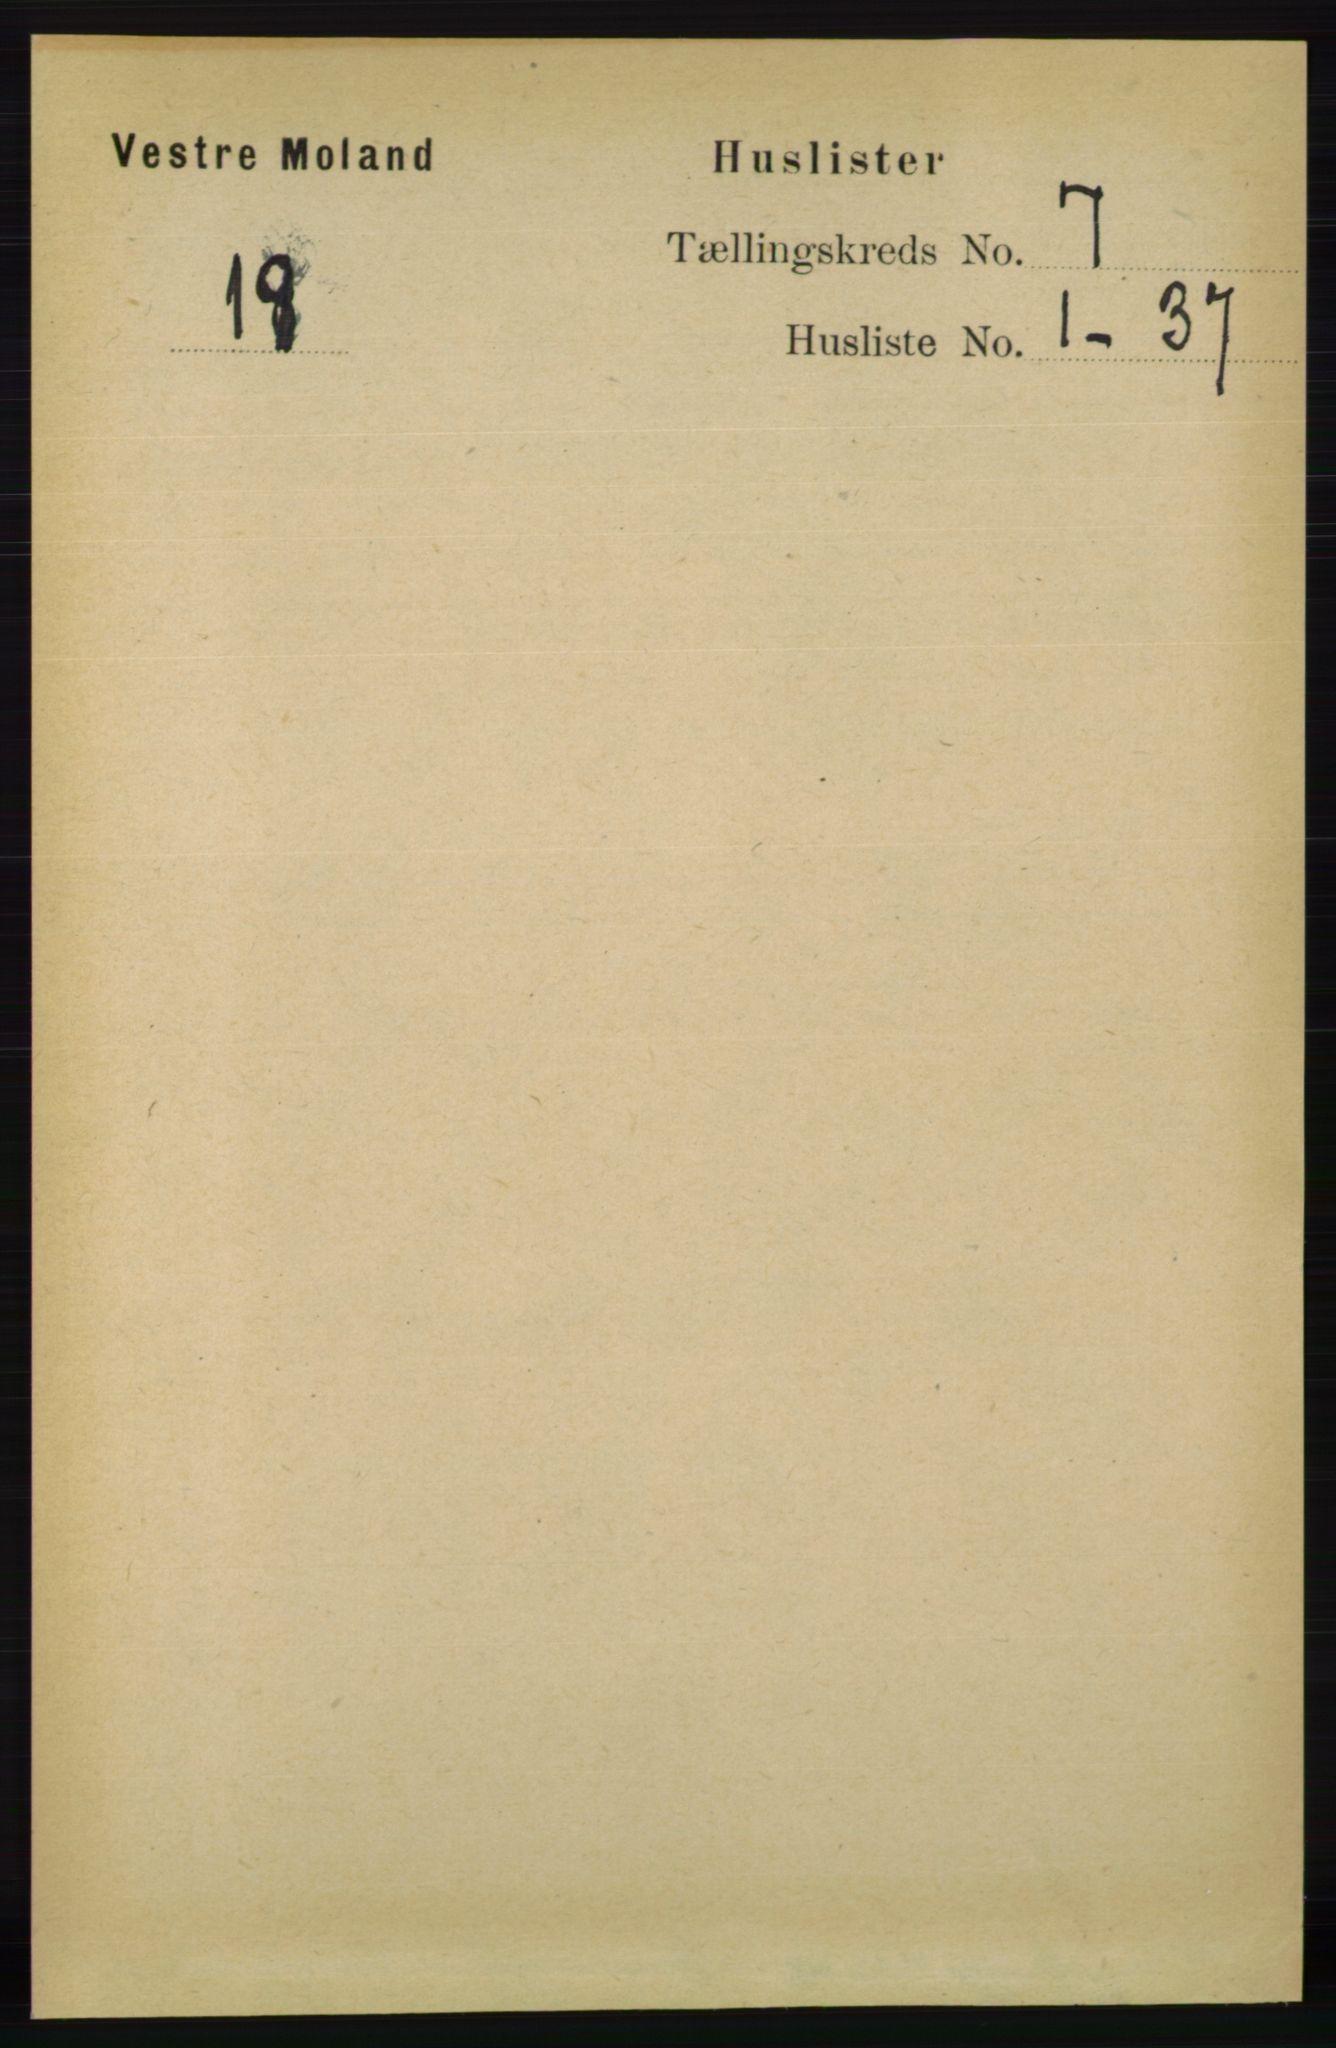 RA, Folketelling 1891 for 0926 Vestre Moland herred, 1891, s. 2759